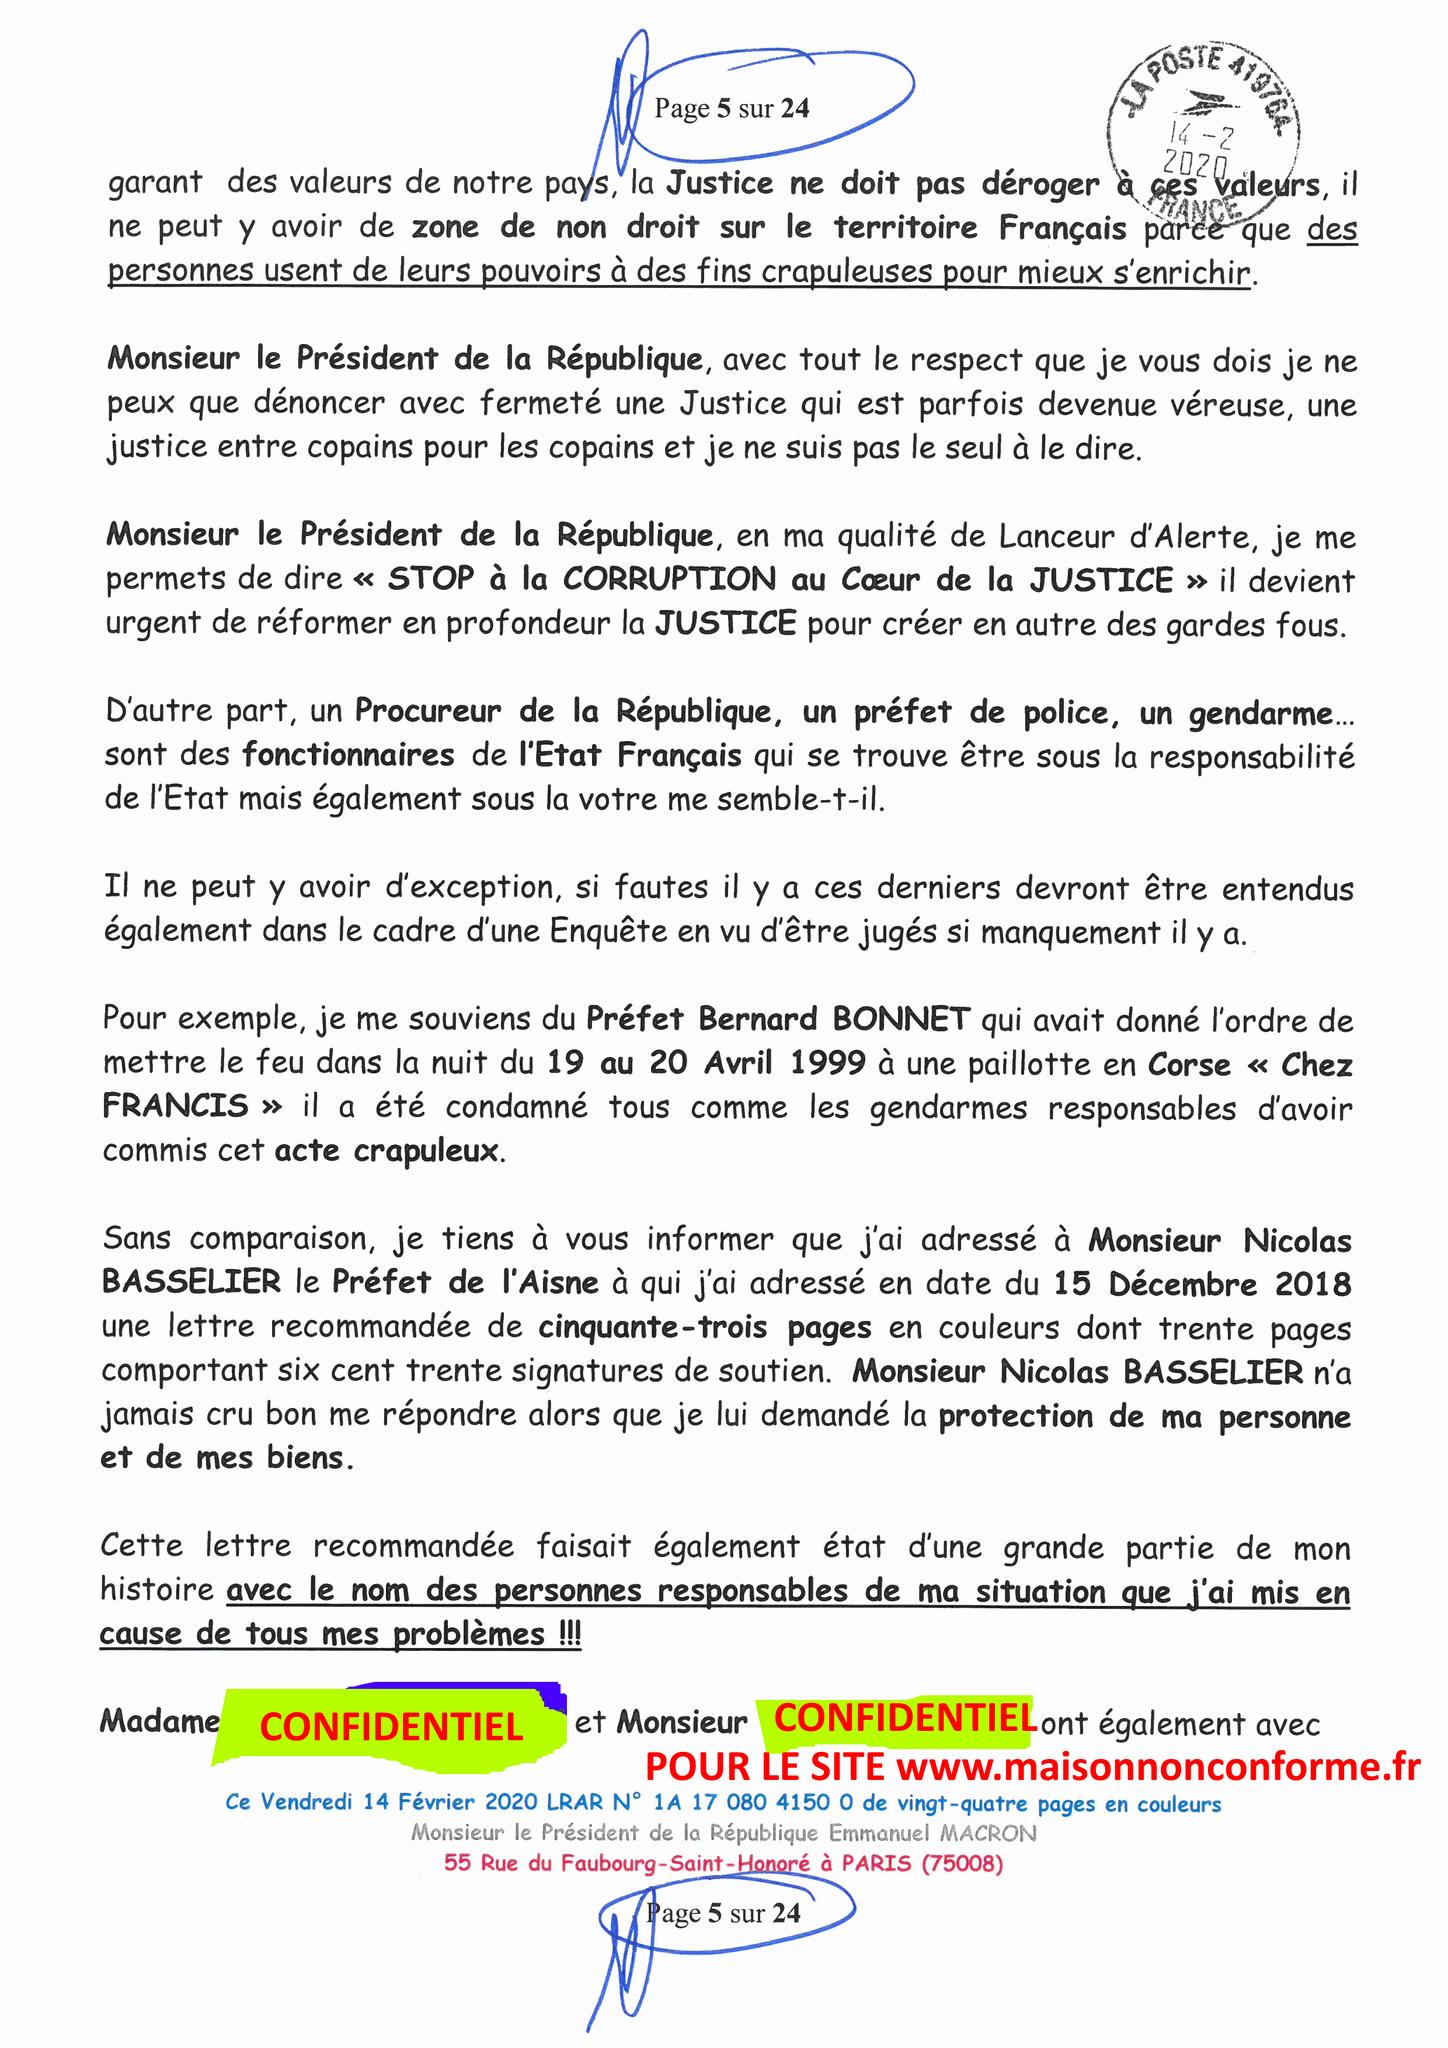 Ma lettre recommandée du 14 Février 2020 N° 1A 178 082 4150 0  page 5 sur 24 en couleur que j'ai adressé à Monsieur Emmanuel MACRON le Président de la République www.jesuispatrick.fr